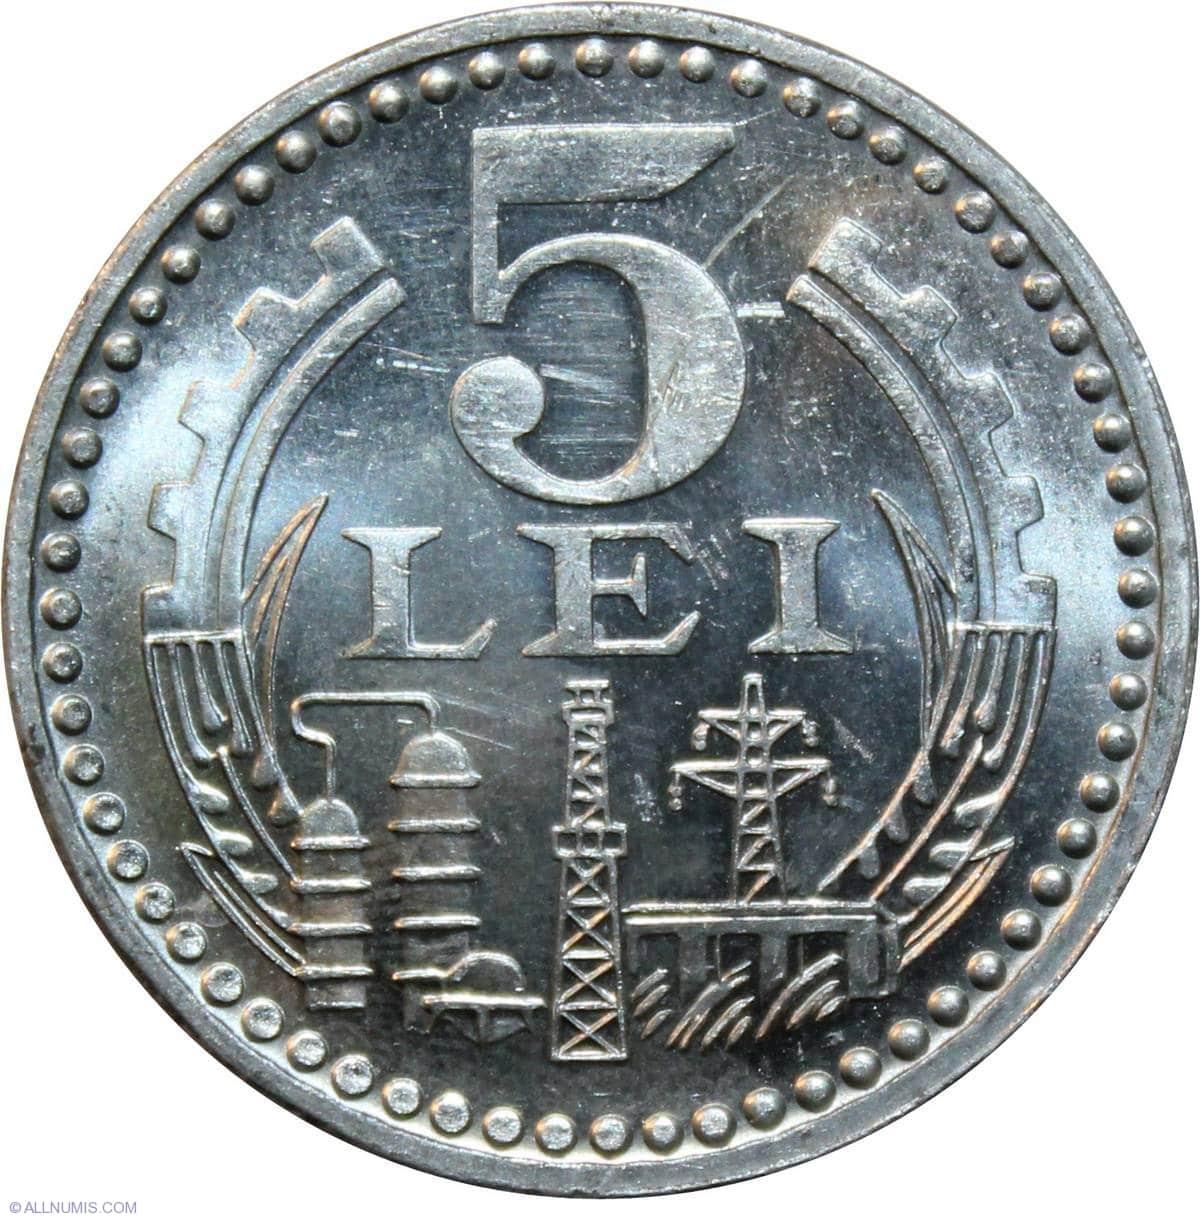 Câți bani îți dorești să câștigi ca să te descurci binișor în România?